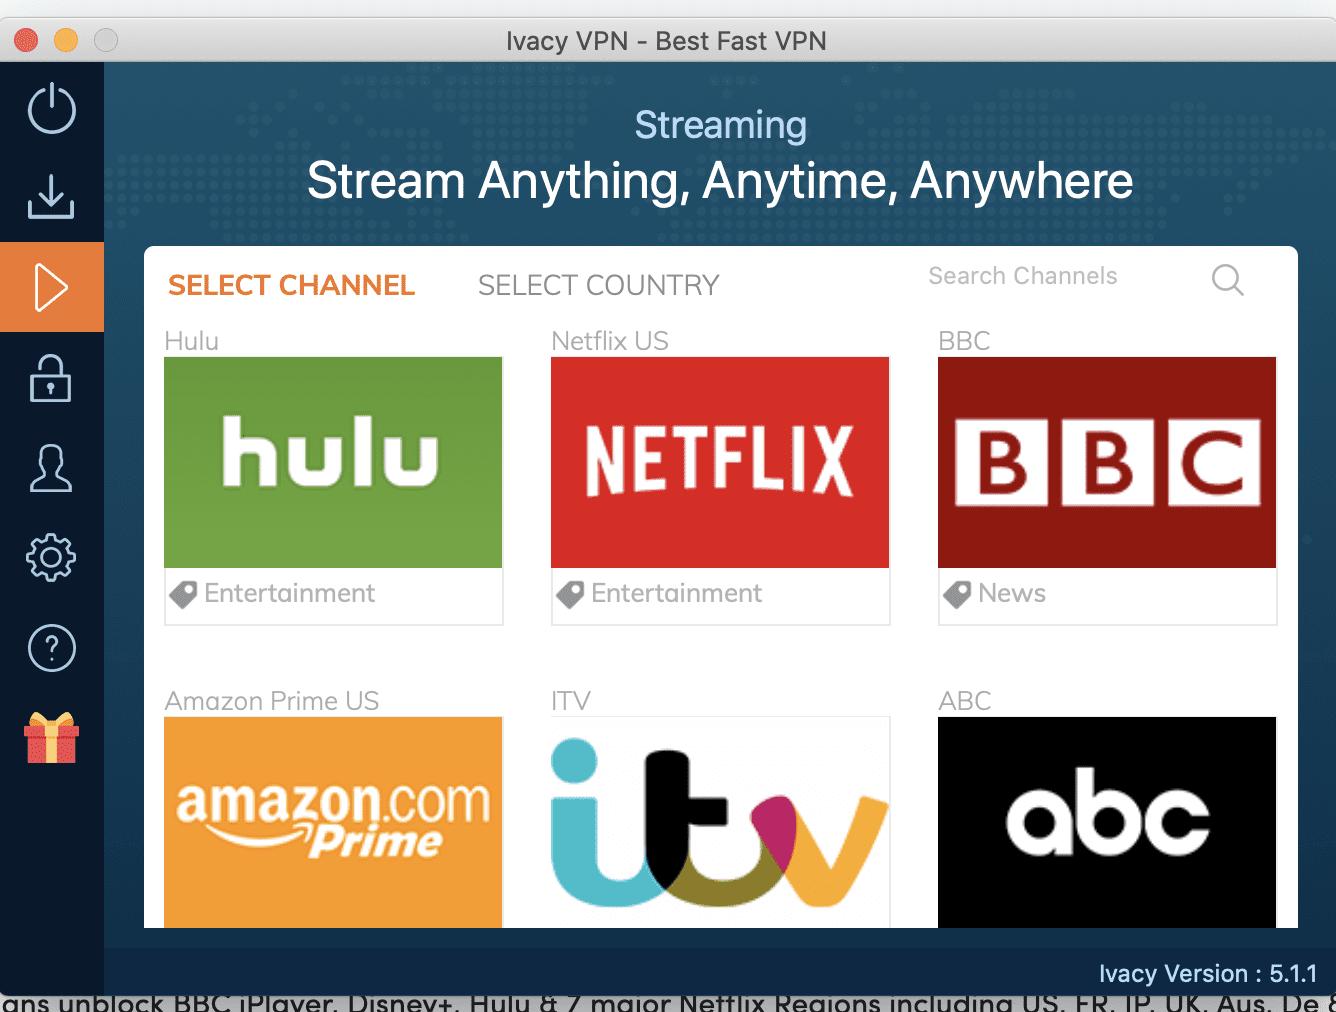 Netflix: Voici comment avoir accès gratuitement à tous les films et séries